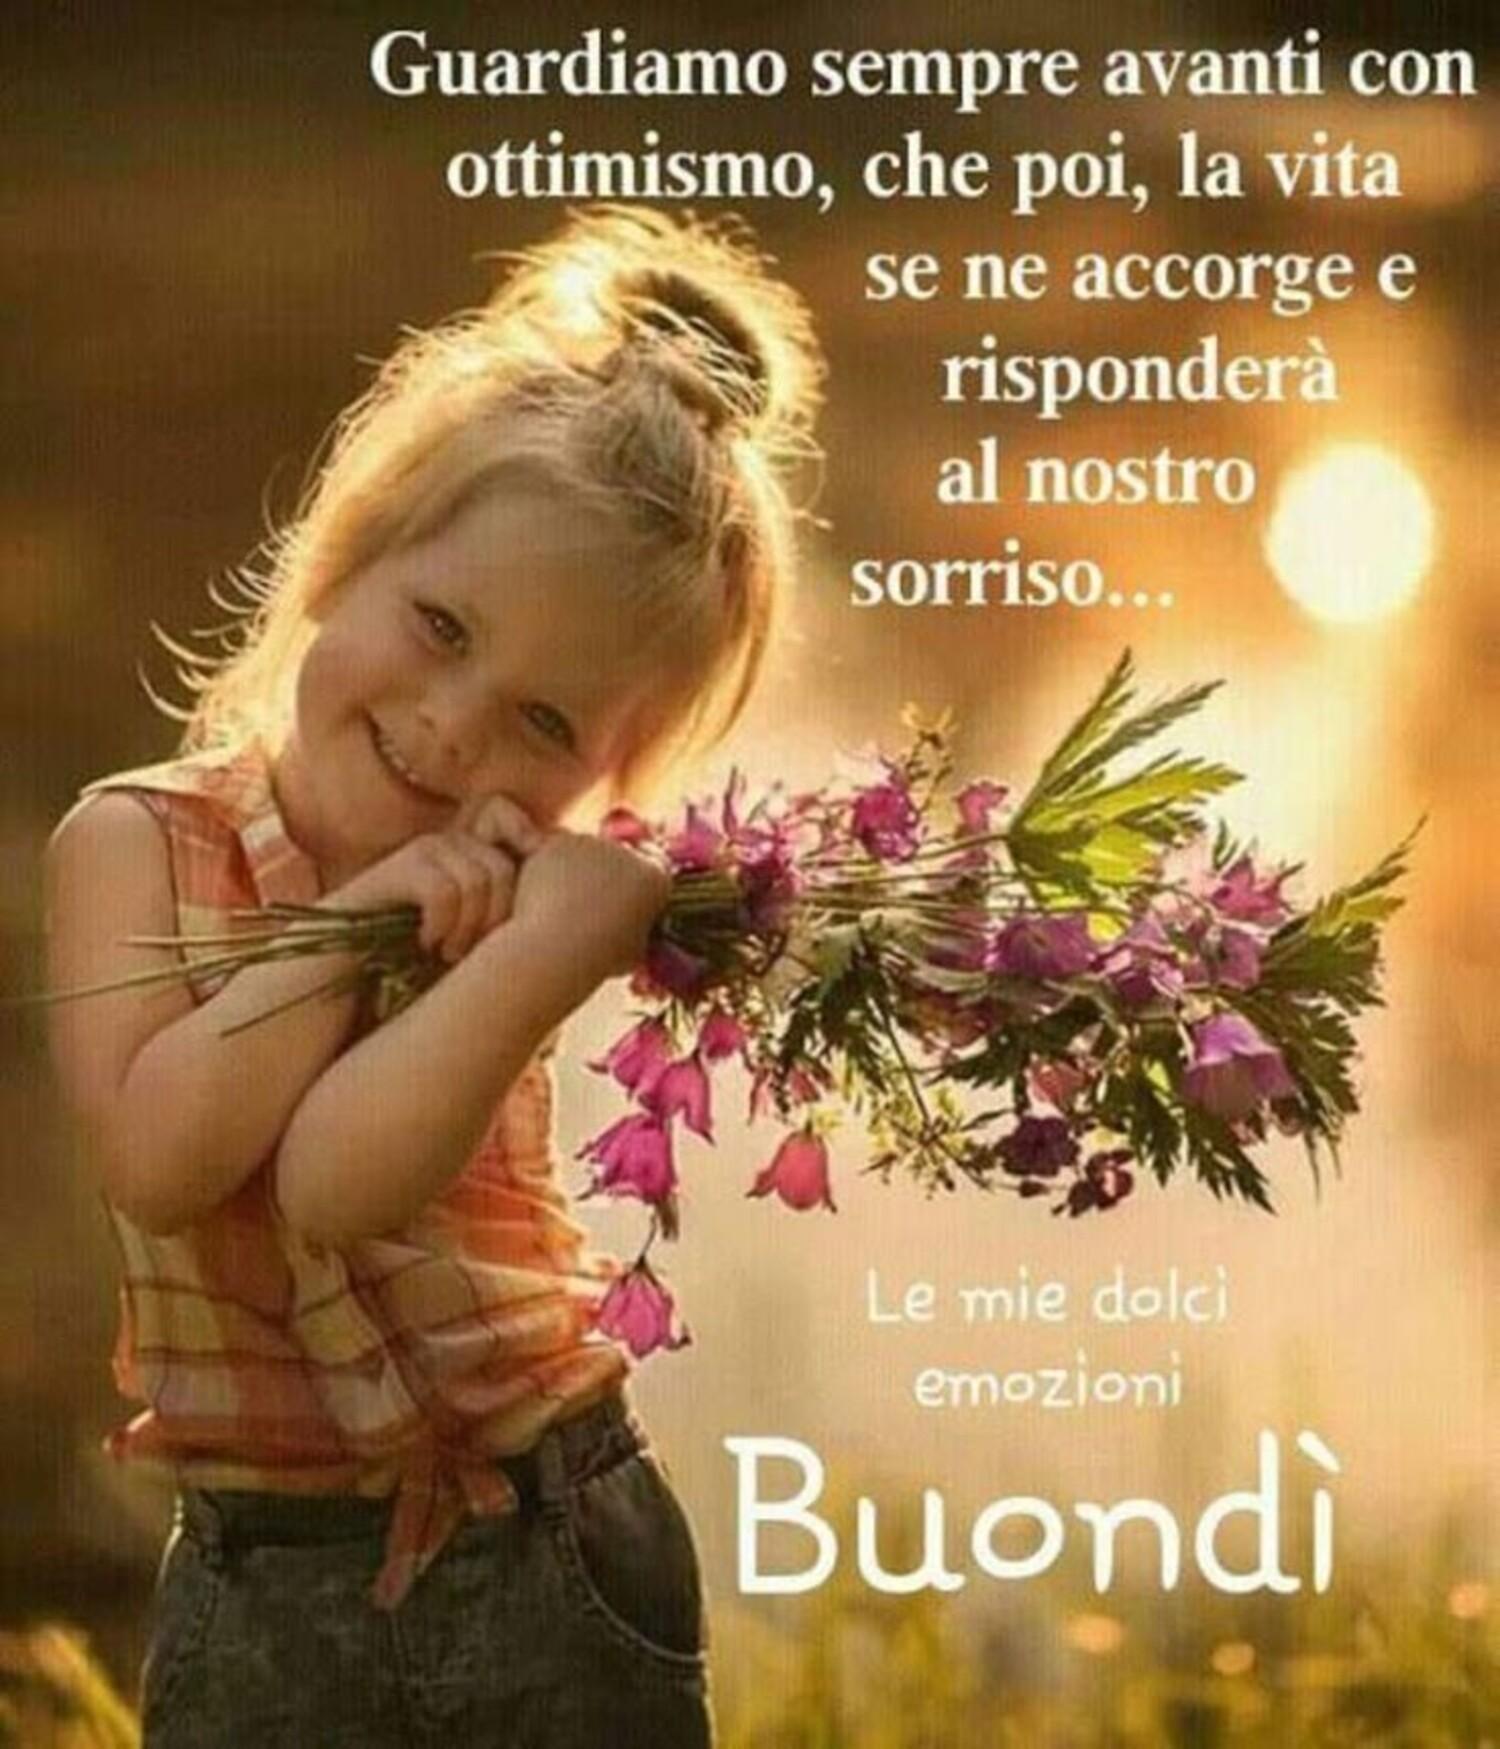 Guardiamo sempre avanti, con ottimismo, che poi la vita, se ne accorge e risponderà al nostro sorriso. Buondì